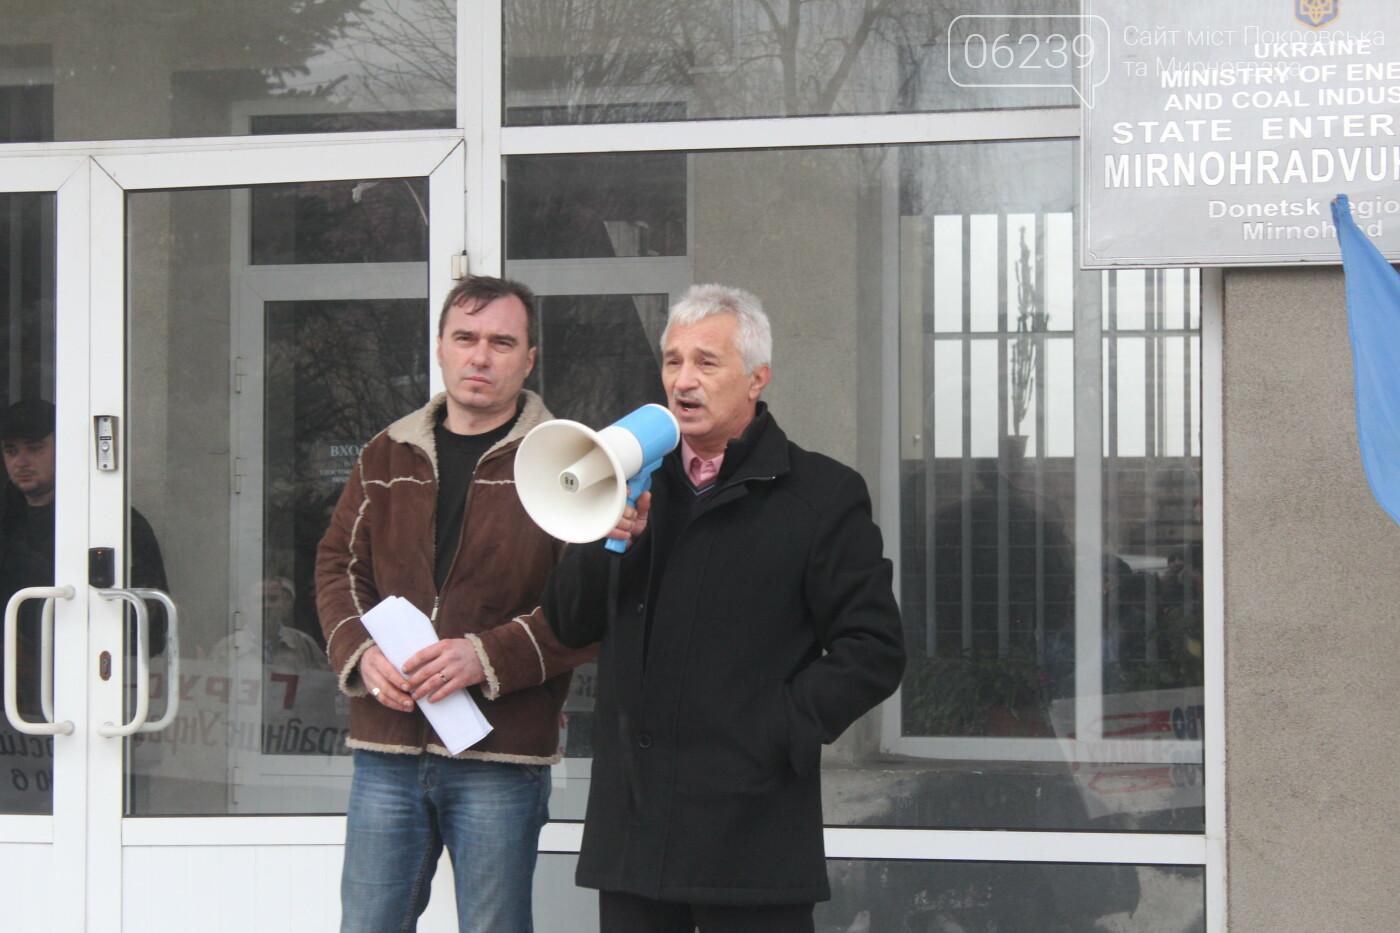 В Мирнограде горняки снова вышли на акцию протеста, фото-12